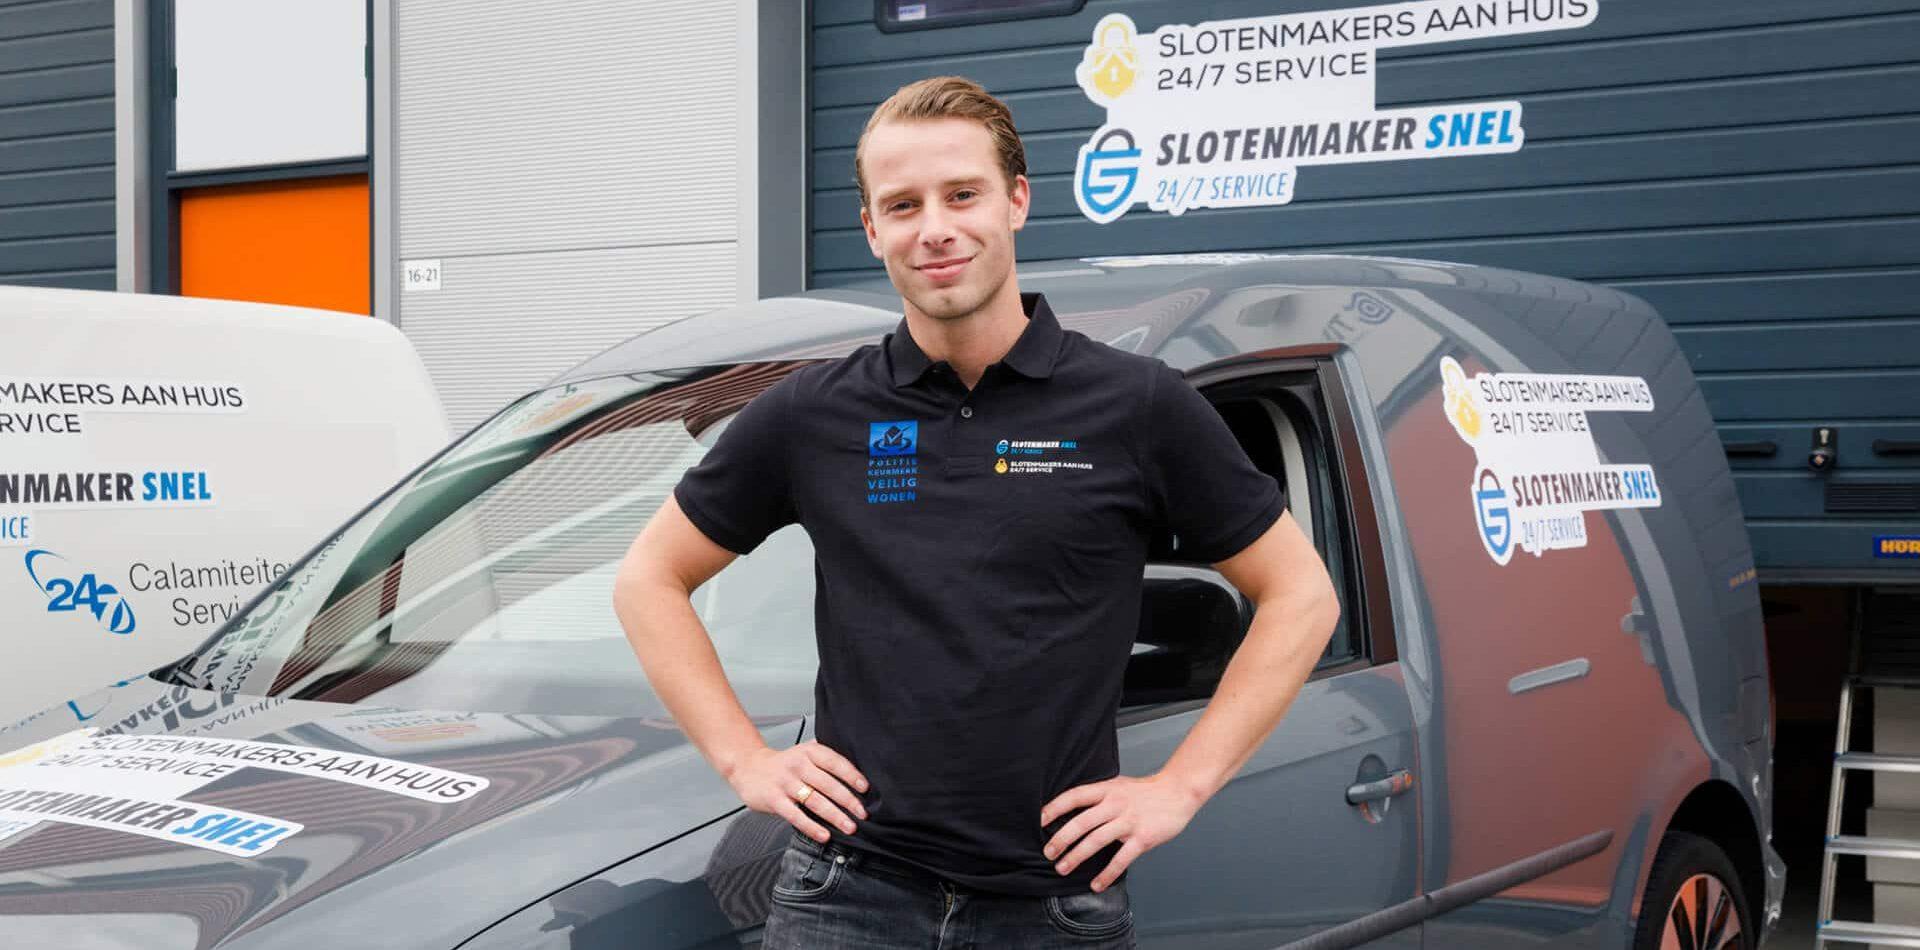 Slotenmaker Bleiswijk